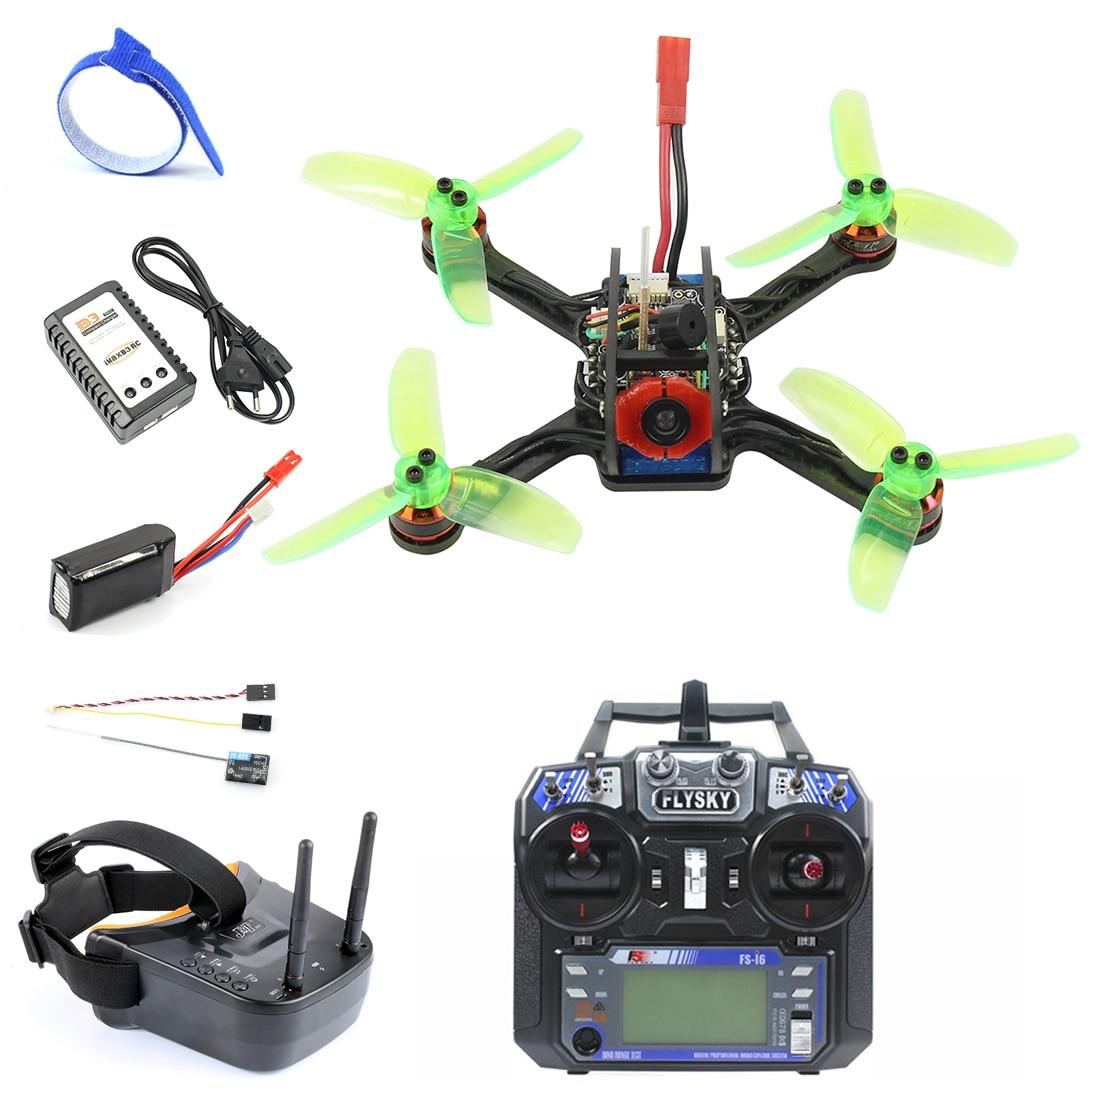 Oyuncaklar ve Hobi Ürünleri'ten RC Helikopterler'de Mini 120mm F3 OSD 2 S RC FPV Yarış Drone Quadcopter 700TVL Kamera VTX Gözlüğü 10A ESC 7500KV Fırçasız 2.4G 6ch BNF RTF Set'da  Grup 1